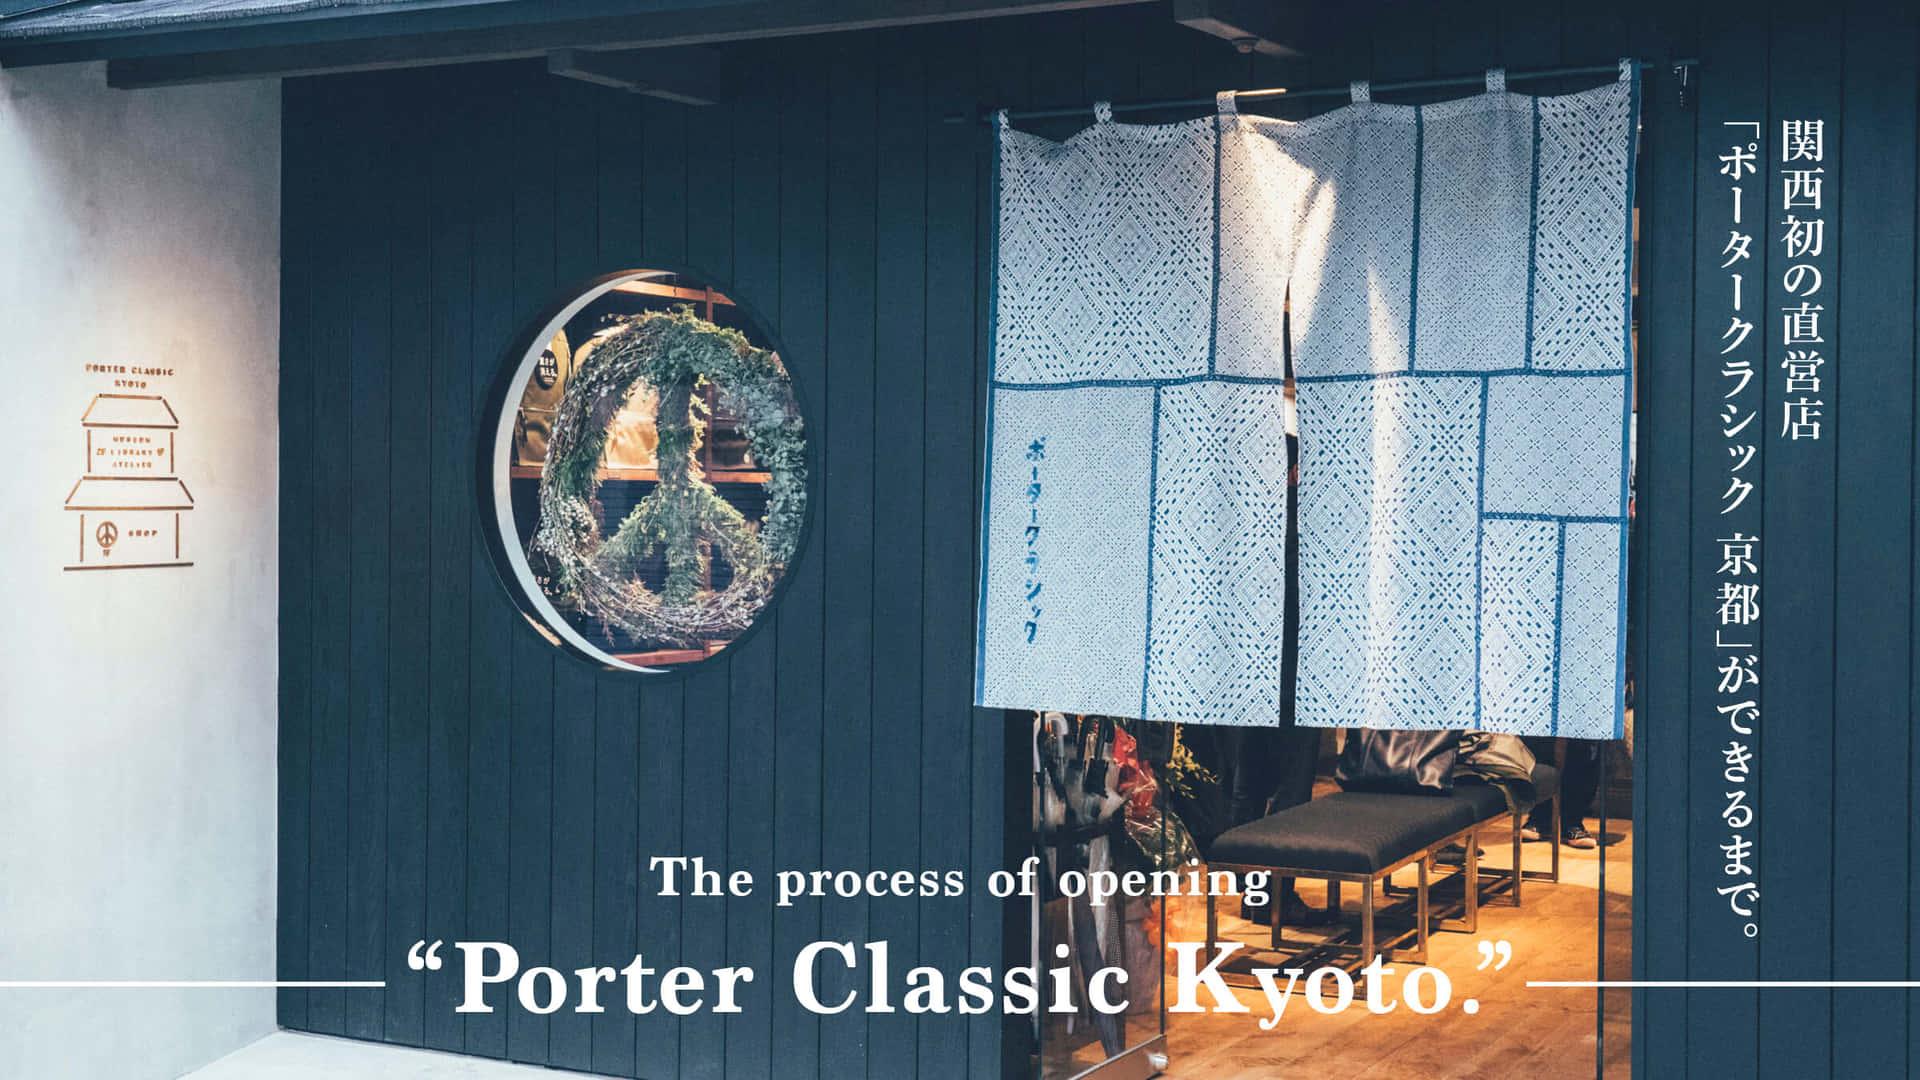 関西初の直営店「ポータークラシック 京都」ができるまで。